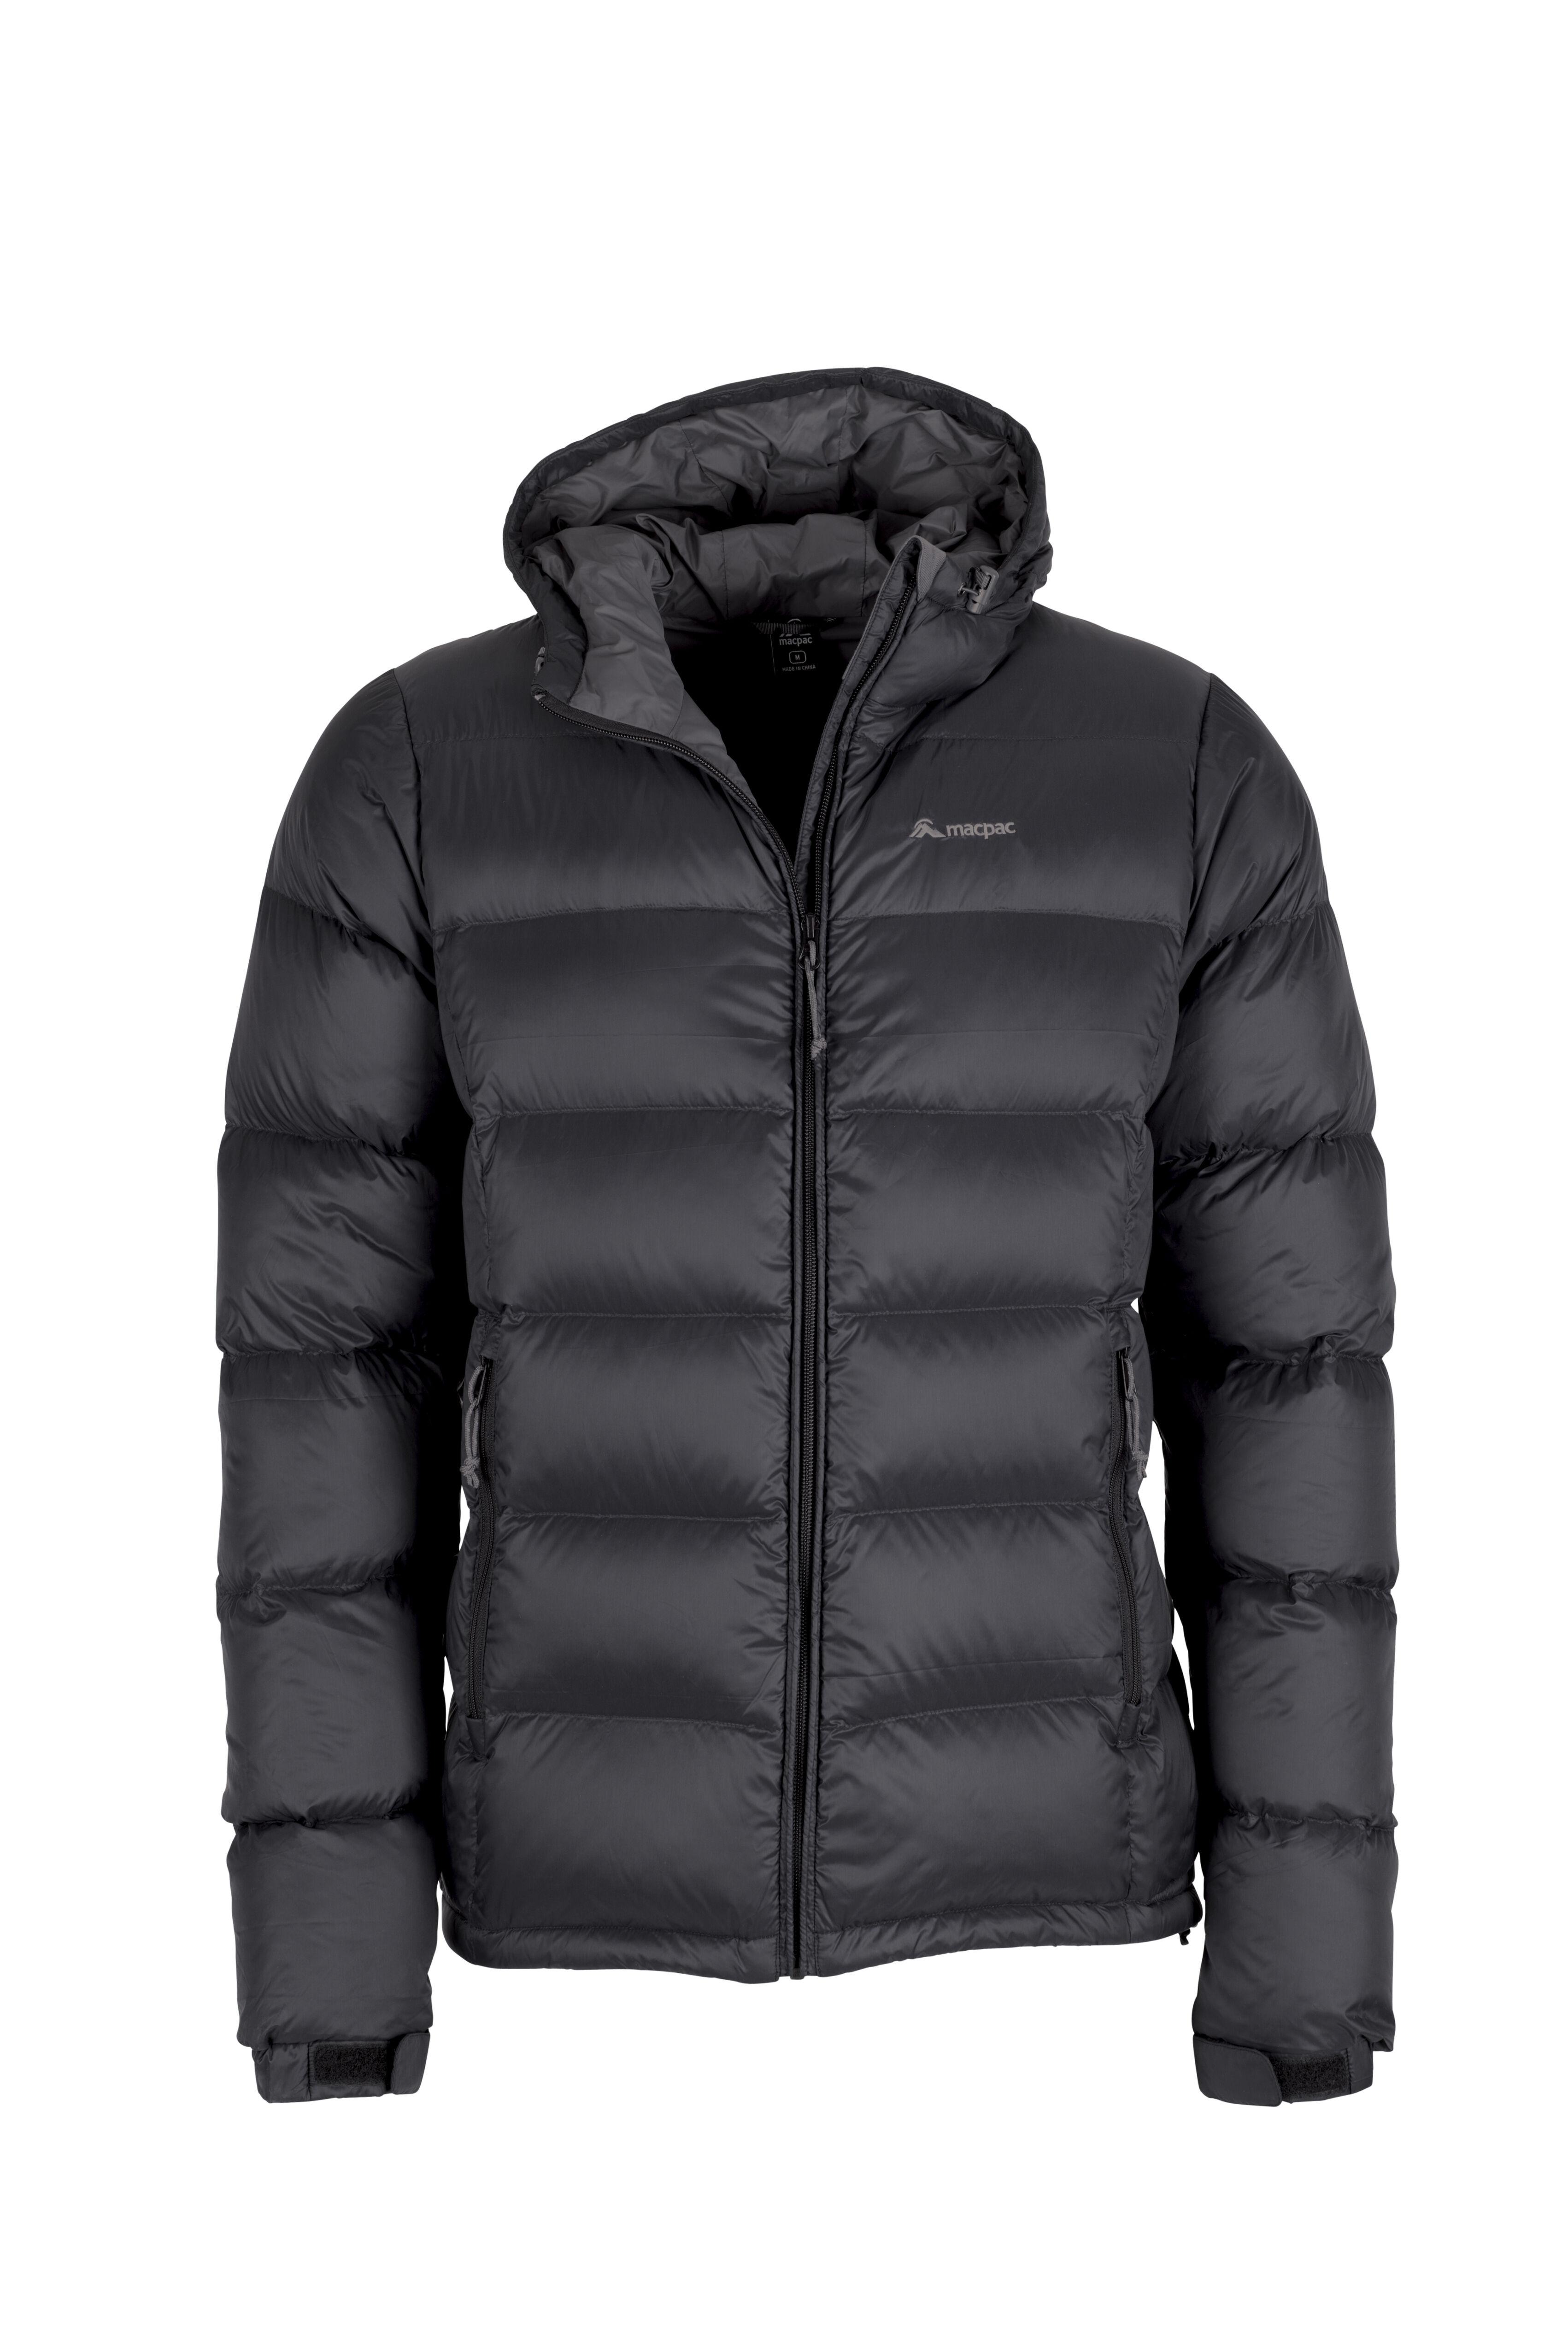 Fine gray blue warm winter coat plus size side tie snow jackets hooded Jackets